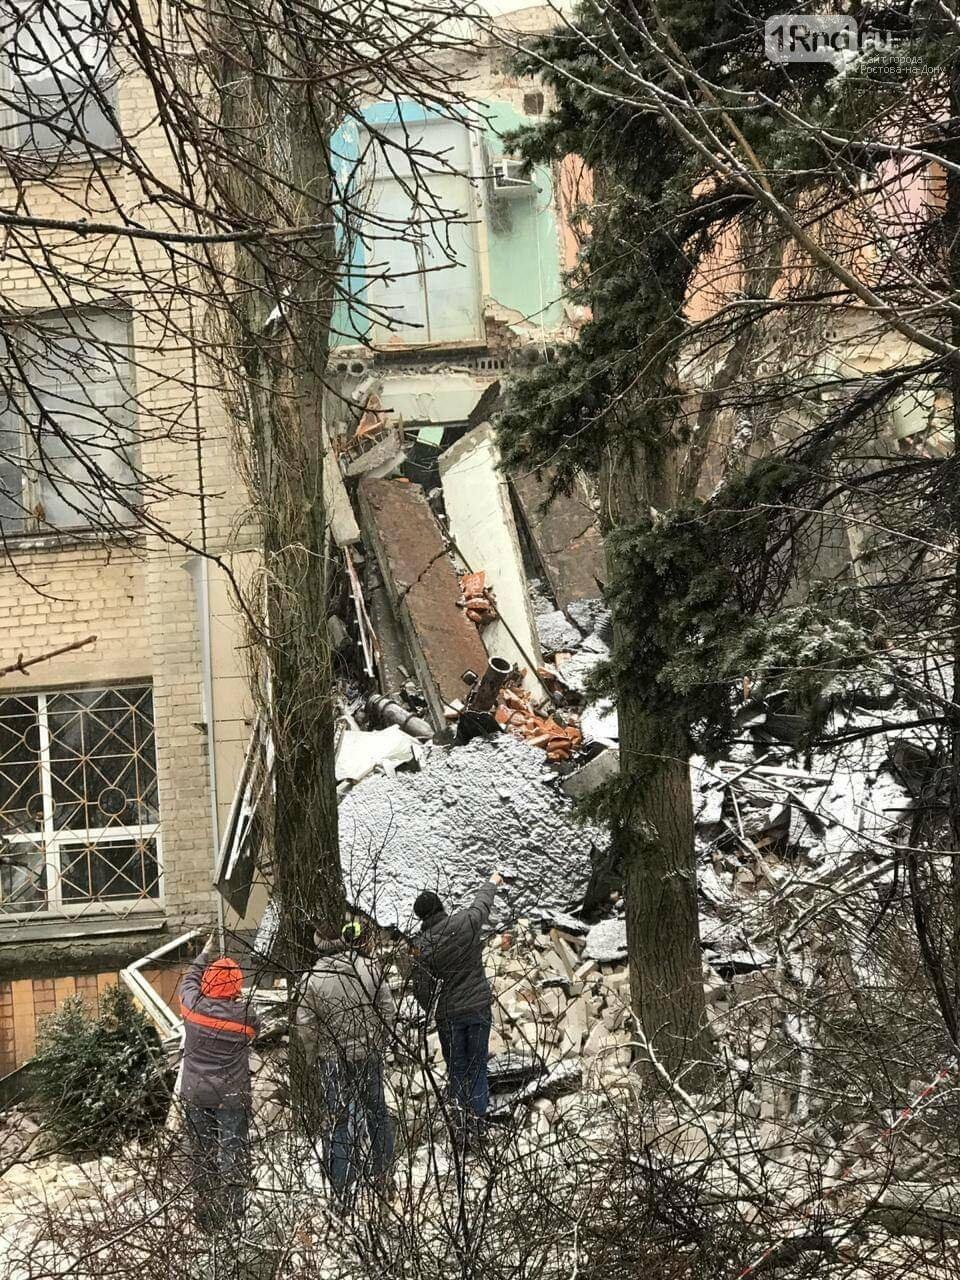 МЧС по Ростовской области: угрозы дальнейшего обрушения здания в Новочеркасске нет, фото-3